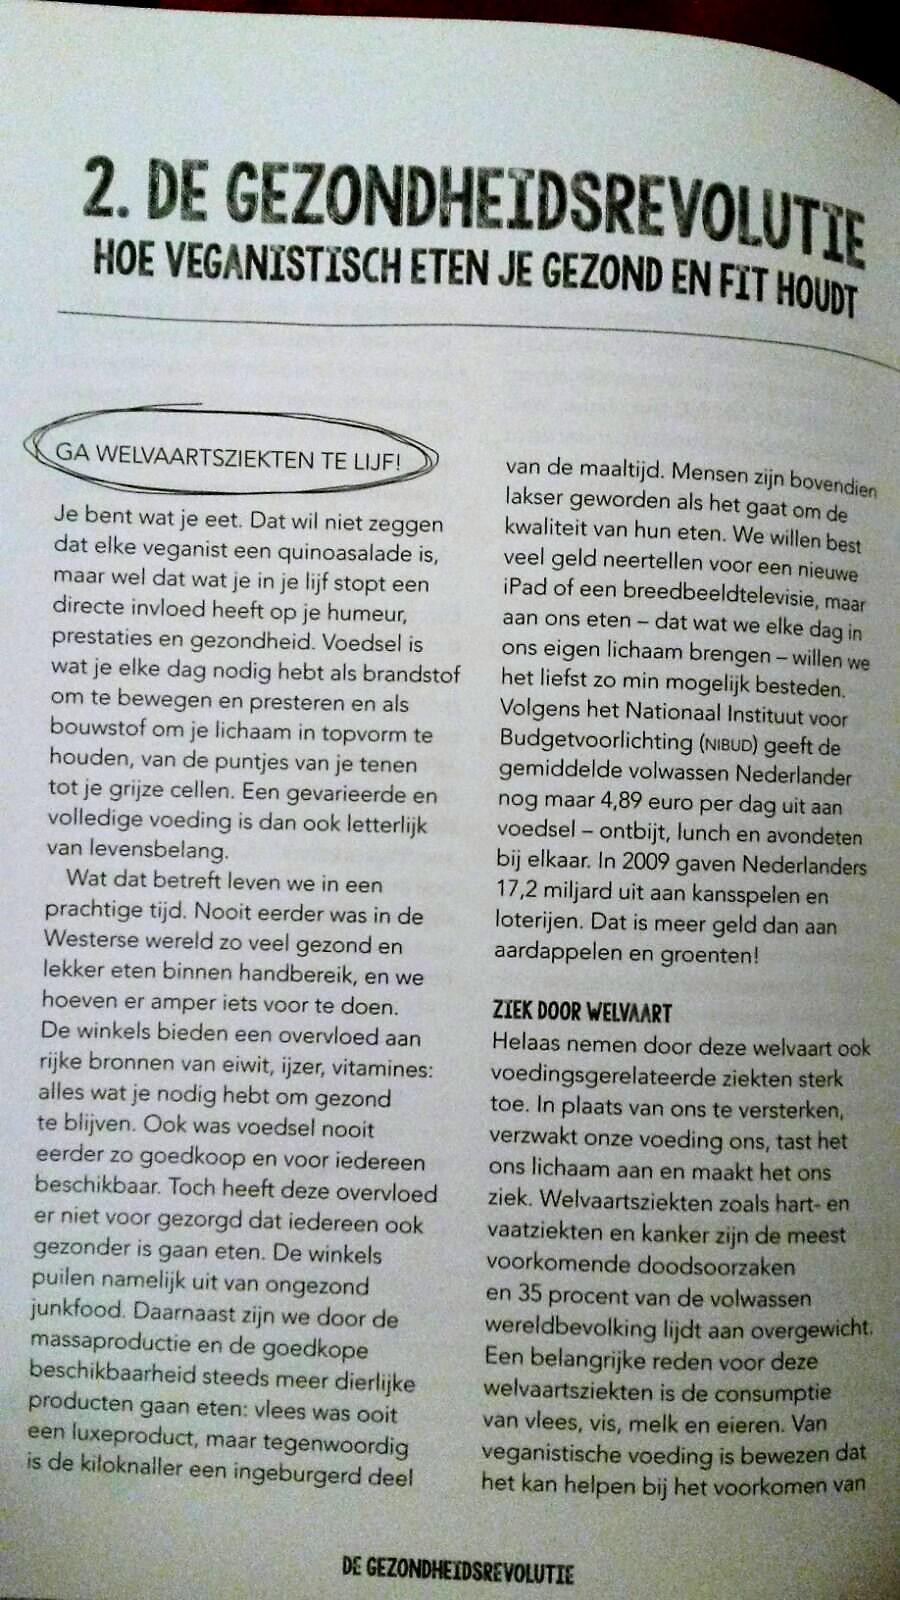 (c) Lisa Steltenpool, De Vegarevolutie